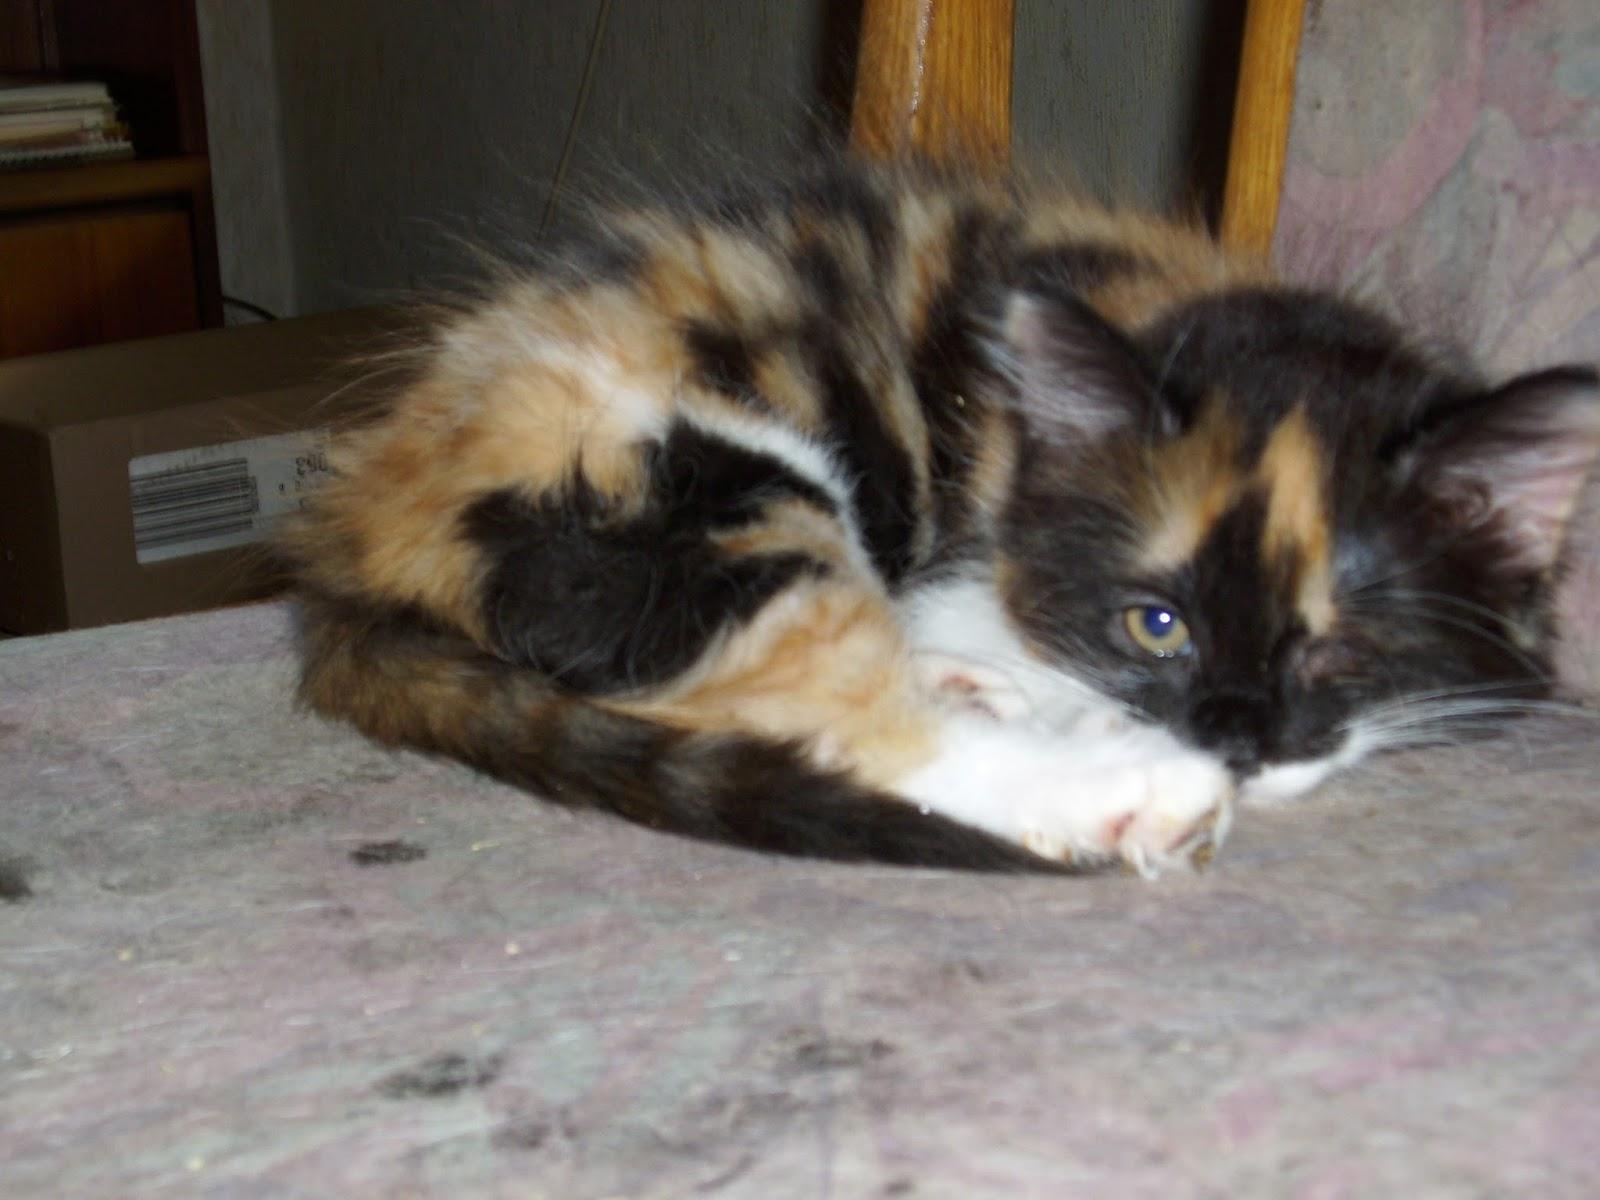 Geliebte Unsere Haustiere: Tränendes Auge bei Katze #MU_08